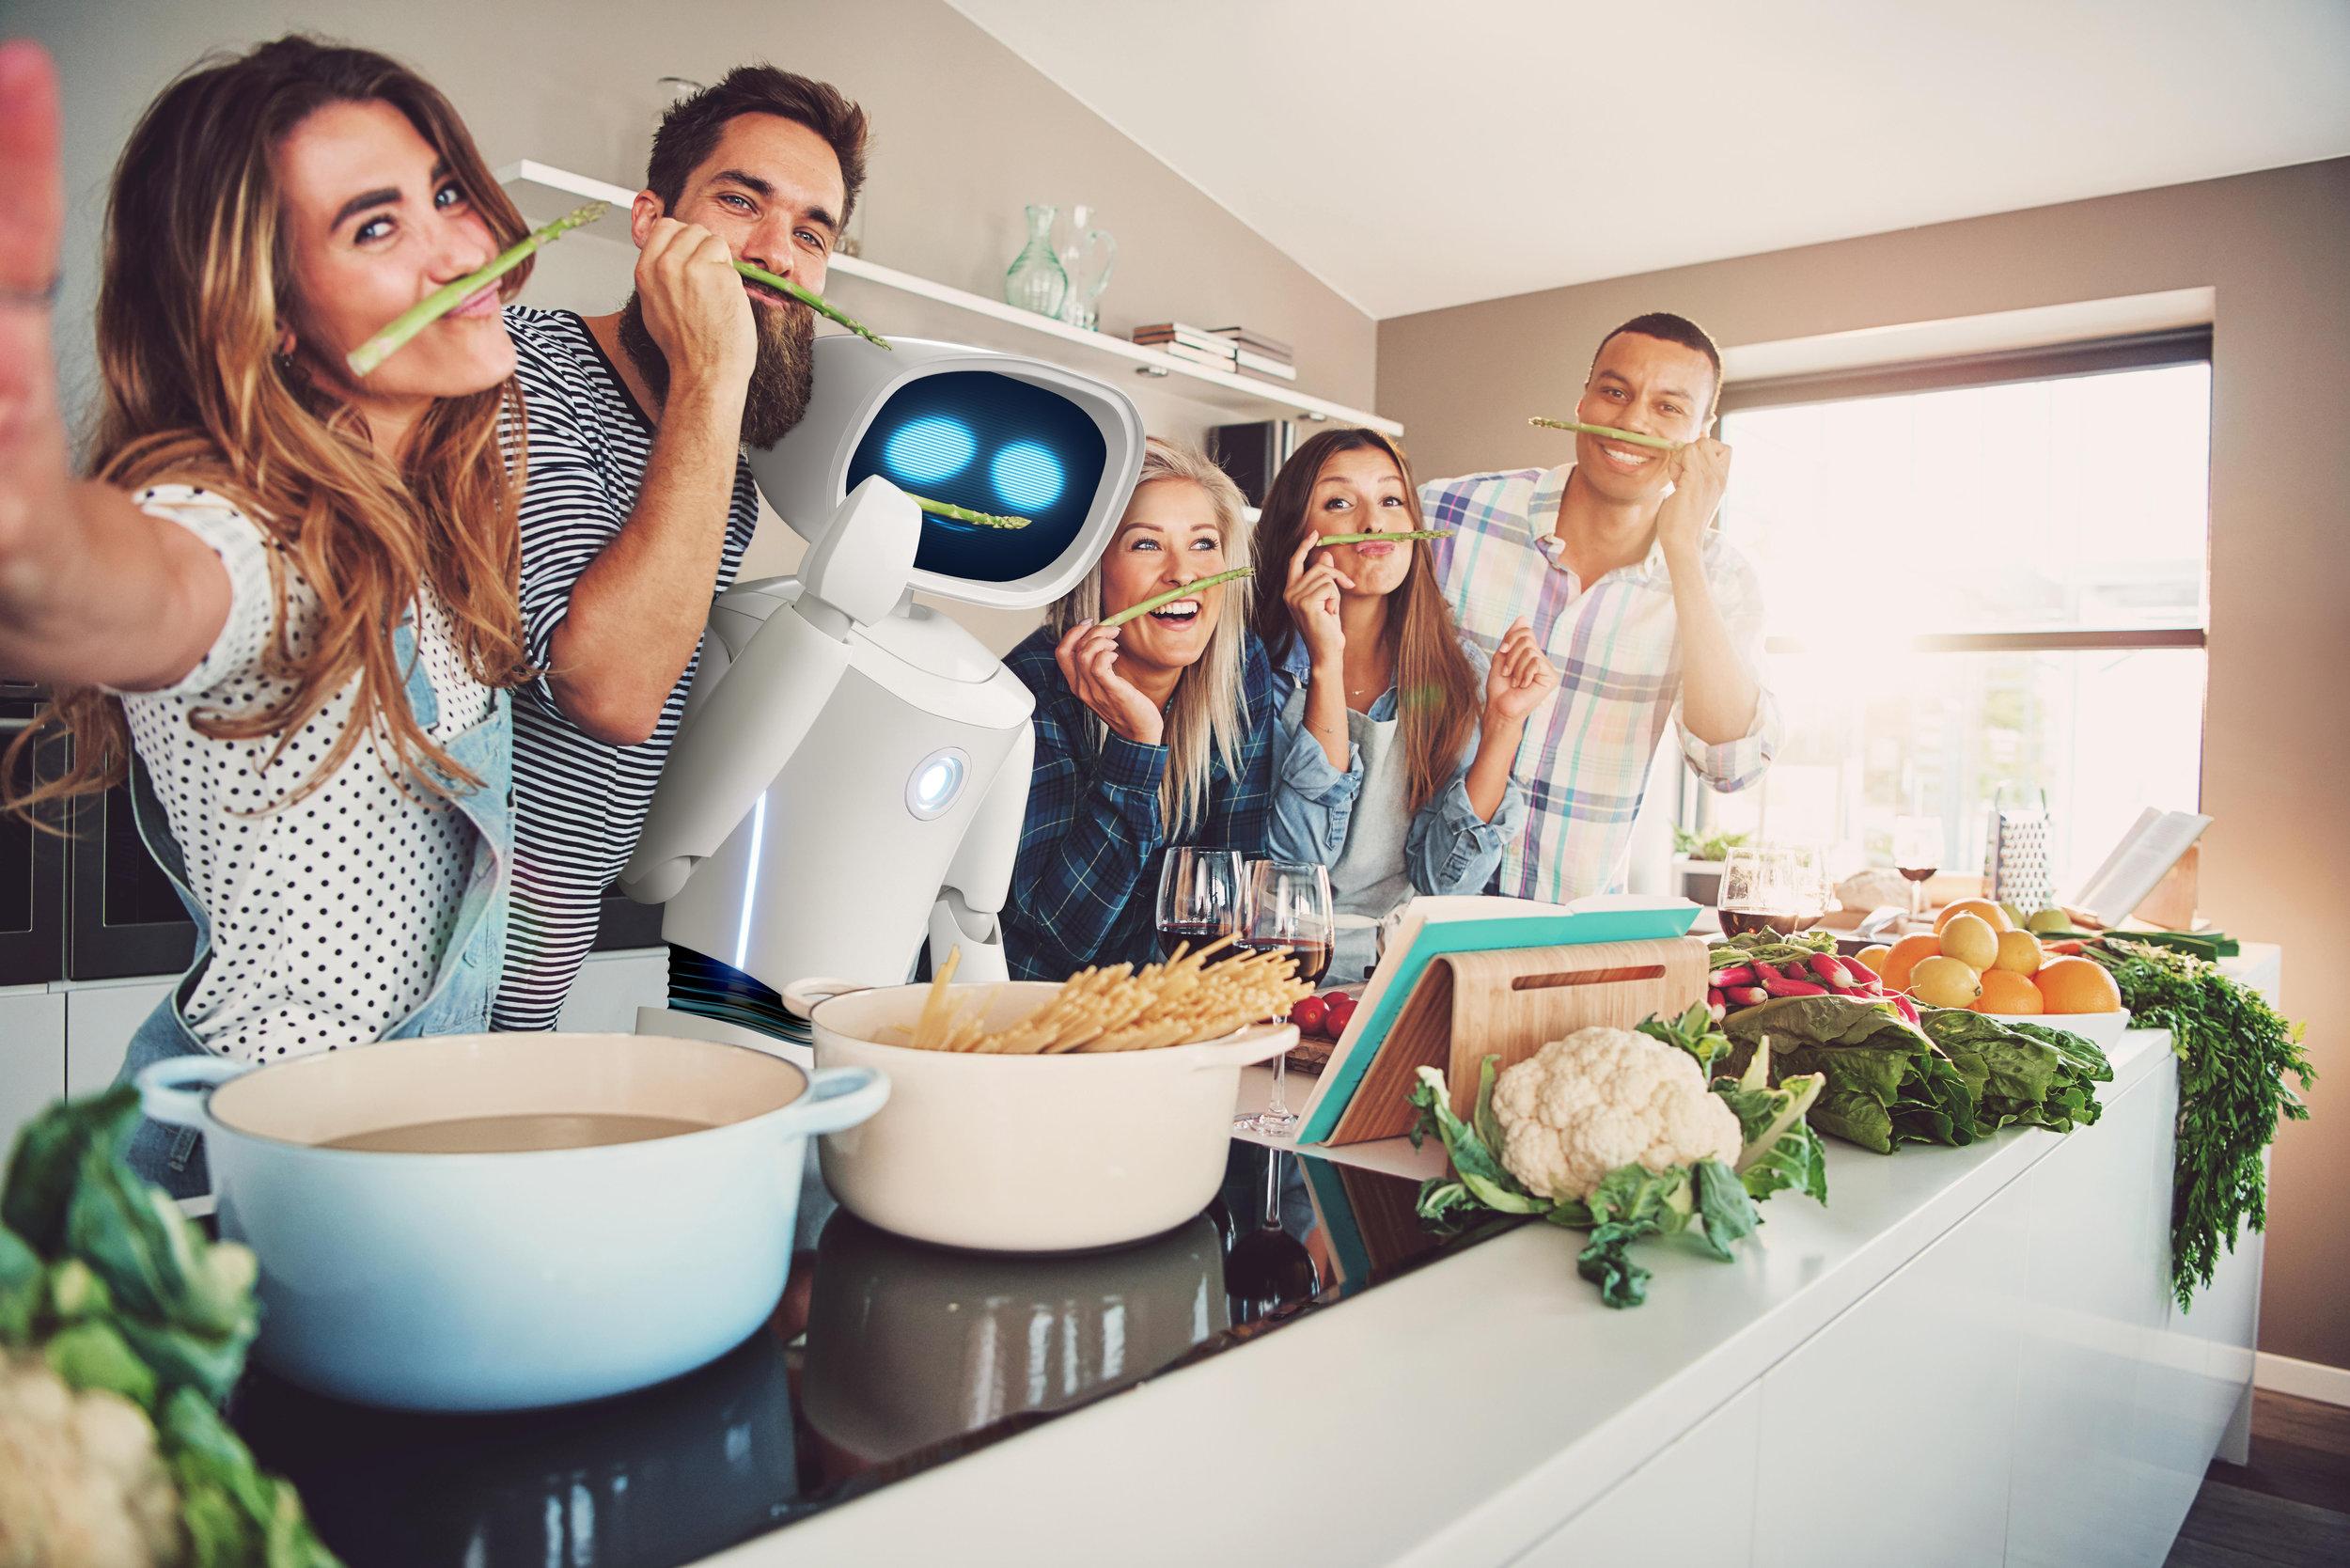 CMA_Social-Cooking_still17.jpg